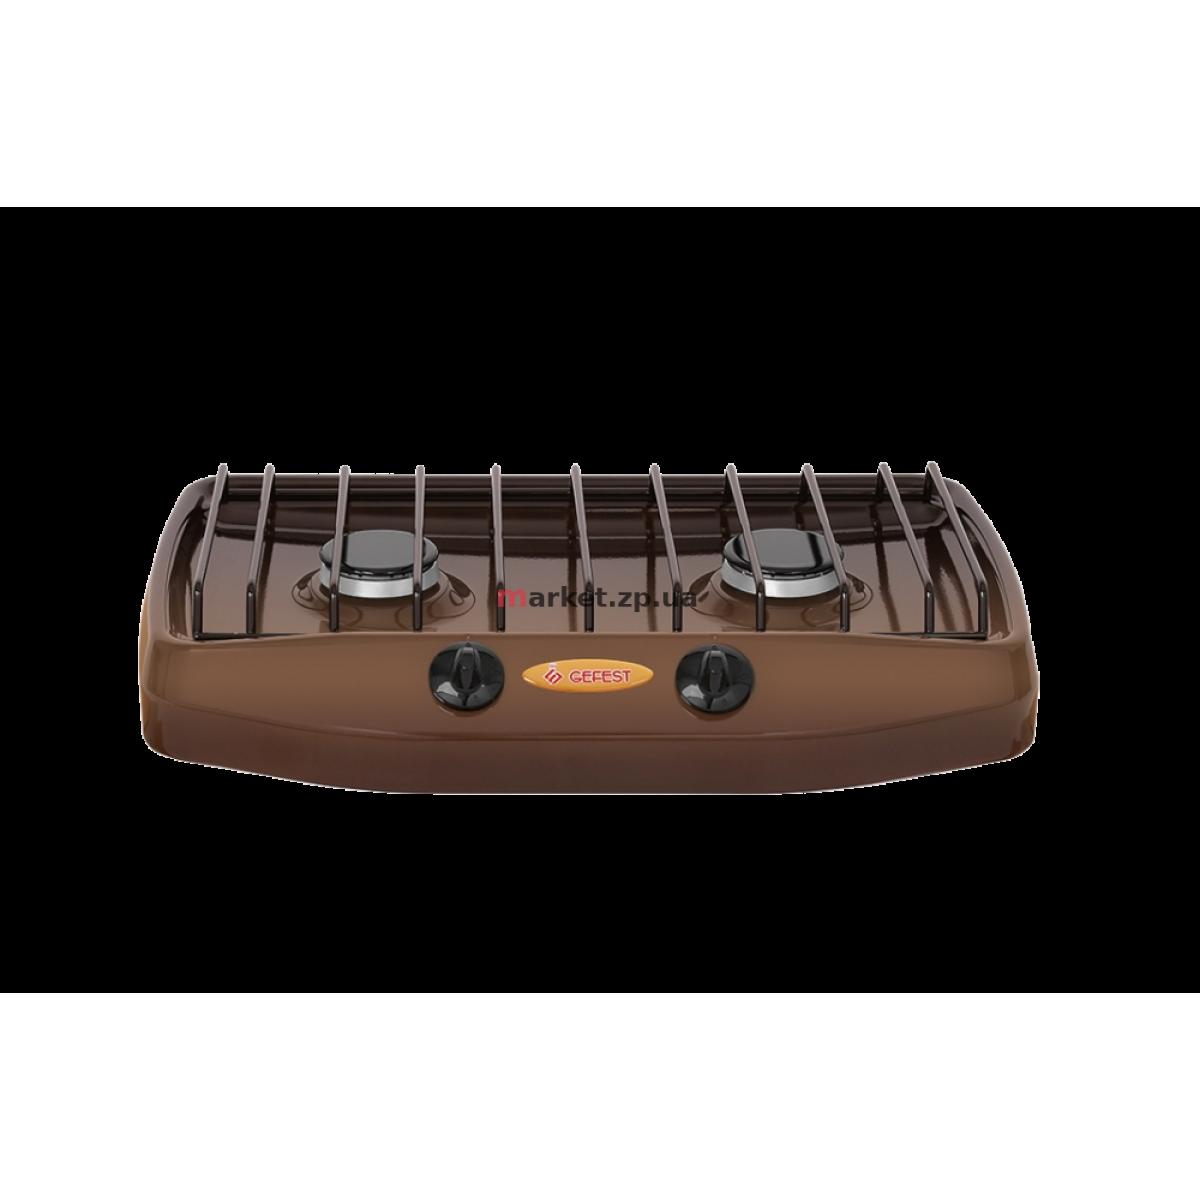 Настольная газовая плита 2 комф. GEFEST 702-02